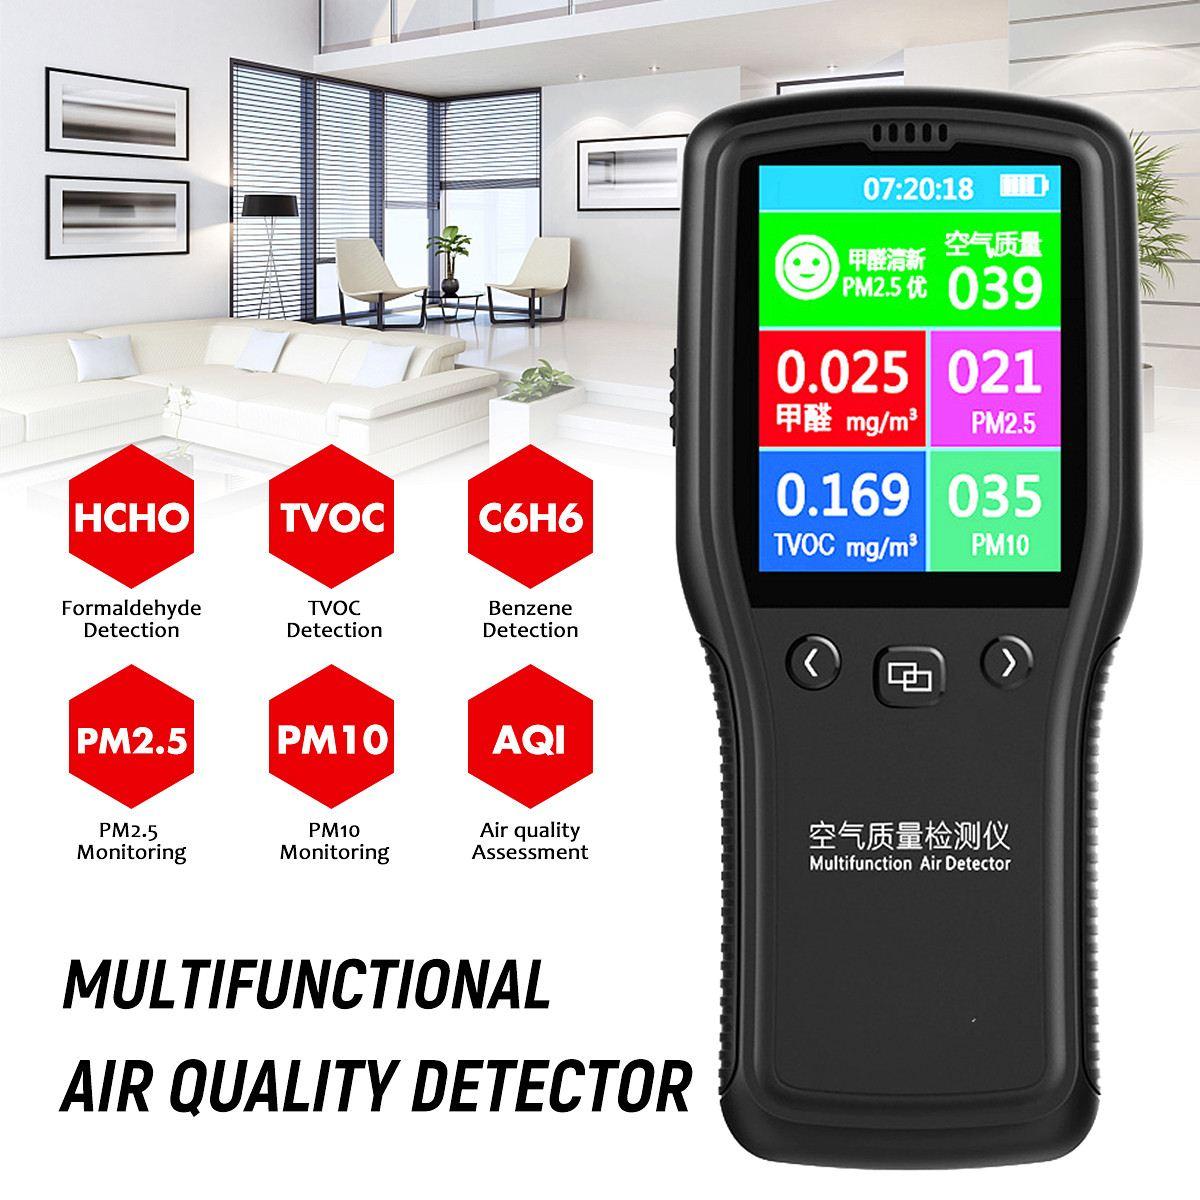 Multifonctionnel Air Qualité Moniteur PM2.5/10 HCHO Laser Numérique Accueil Air Qualité Détecteur Analyseur Moniteur IQA outil De Diagnostic